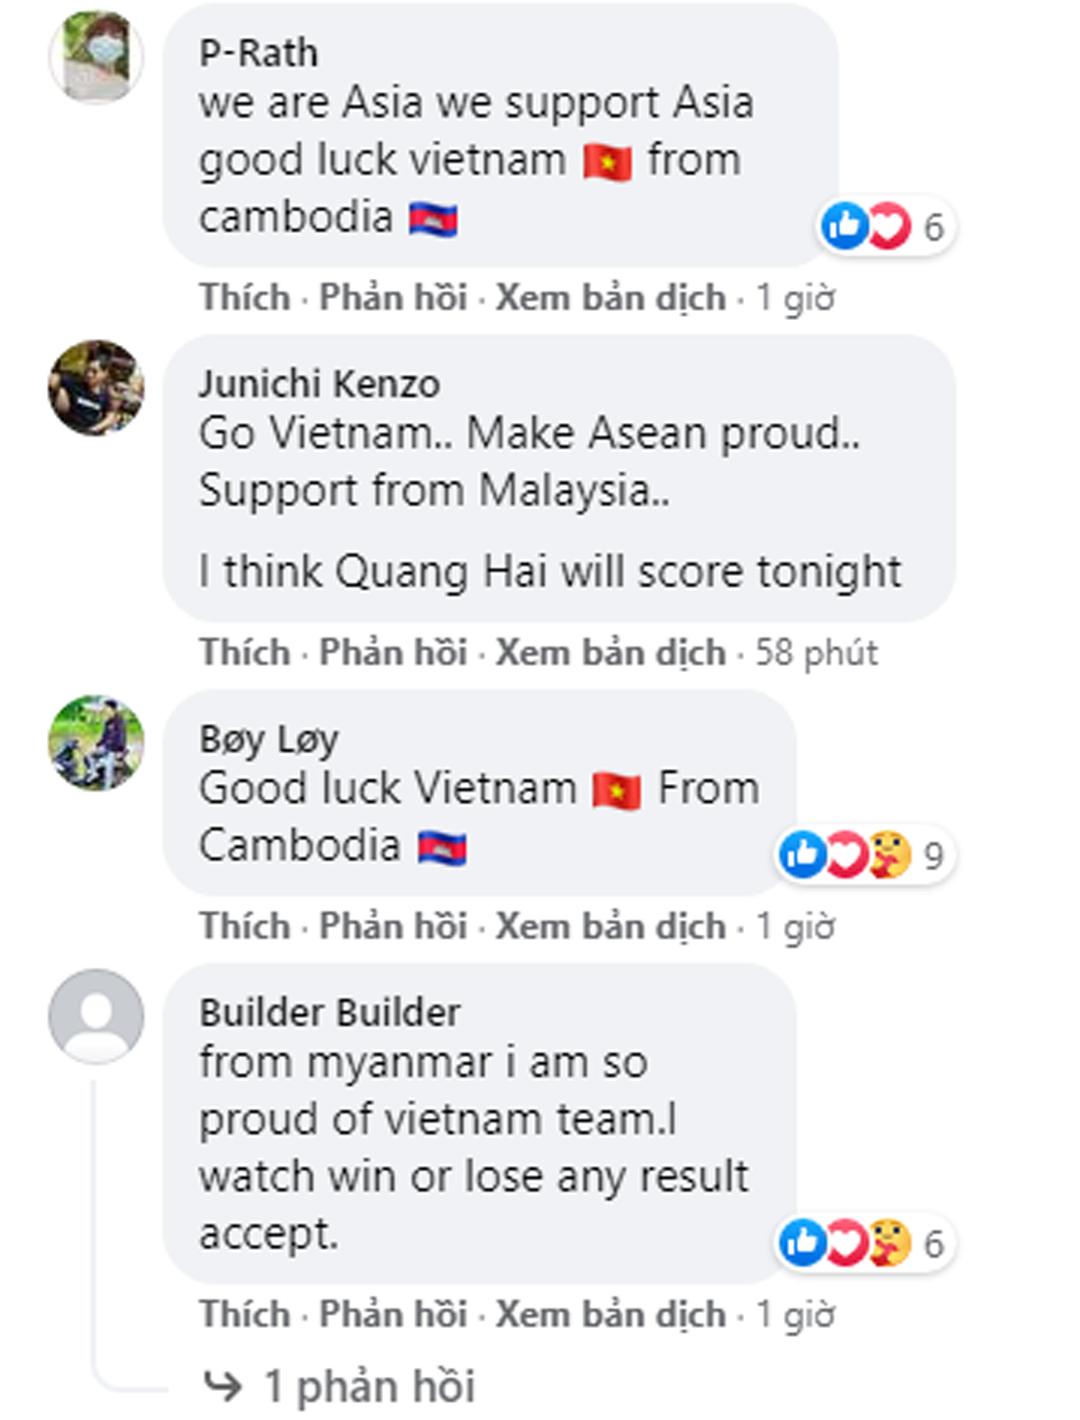 Một fan đến từ Malaysia còn mạnh dạn đoán Quang Hải sẽ ghi bàn vào tối nay.